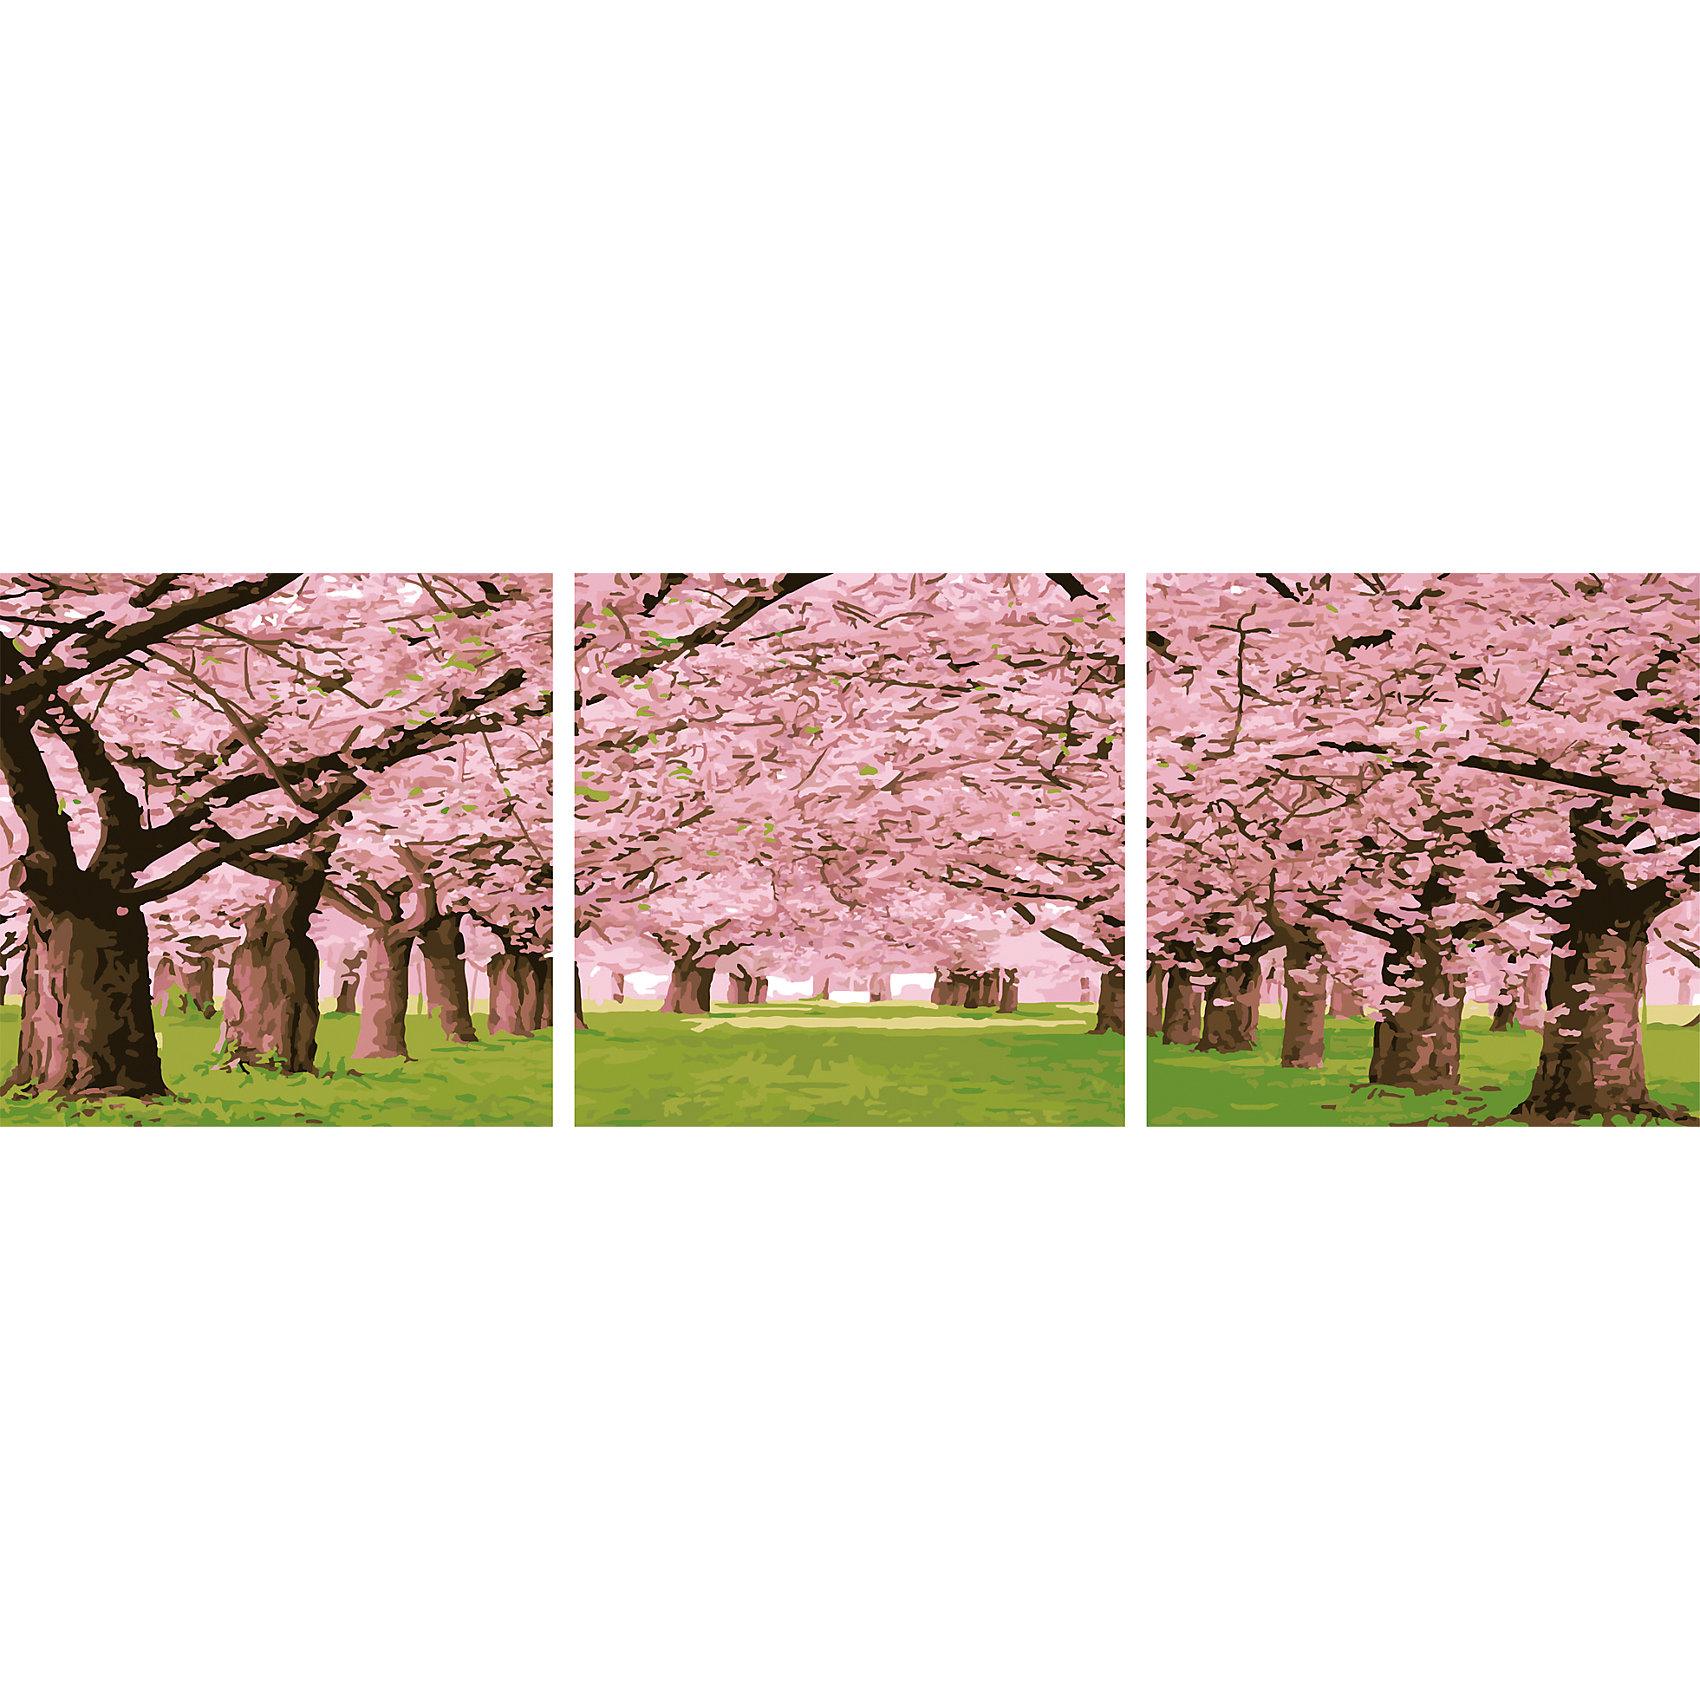 Роспись по номерам, триптих Цветущая аллея 50*50 см (3 картины в наборе)Роспись по номерам, триптих Цветущая аллея 50*50 см (3 картины в наборе)<br><br>В набор входит:<br>-3 холста с нанесенным, пронумерованным рисунком<br>-набор акриловых красок на водяной основе<br>-3 кисточки для рисования<br>-крепление для подвешивания картины<br>-запасной чистый лист<br>-инструкция<br><br>Характеристика:<br>-Размер: 50х50 см<br>-Изображение: цветущая аллея<br><br> Роспись по номерам, триптих Цветущая аллея 50*50 см (3 картины в наборе) - это интересное решение для украшения вашего интерьера. К рисованию можно приобщить и детей. Благодаря нумеровке на холсте, у ребёнка не возникнет особых затруднений, особенно с вашей помощью. Нарисовав картину, вы сможете повесить её в любое место с помощью крепления, прилагающемуся вместе с картинами. Благодаря качеству акриловых красок, ваша картина не потускнеет со временем и будет радовать вас долгое время.<br><br>Роспись по номерам, триптих Цветущая аллея 50*50 см (3 картины в наборе) можно приобрести в нашем интернет-магазине.<br><br>Ширина мм: 520<br>Глубина мм: 520<br>Высота мм: 50<br>Вес г: 900<br>Возраст от месяцев: 36<br>Возраст до месяцев: 2147483647<br>Пол: Унисекс<br>Возраст: Детский<br>SKU: 5117353